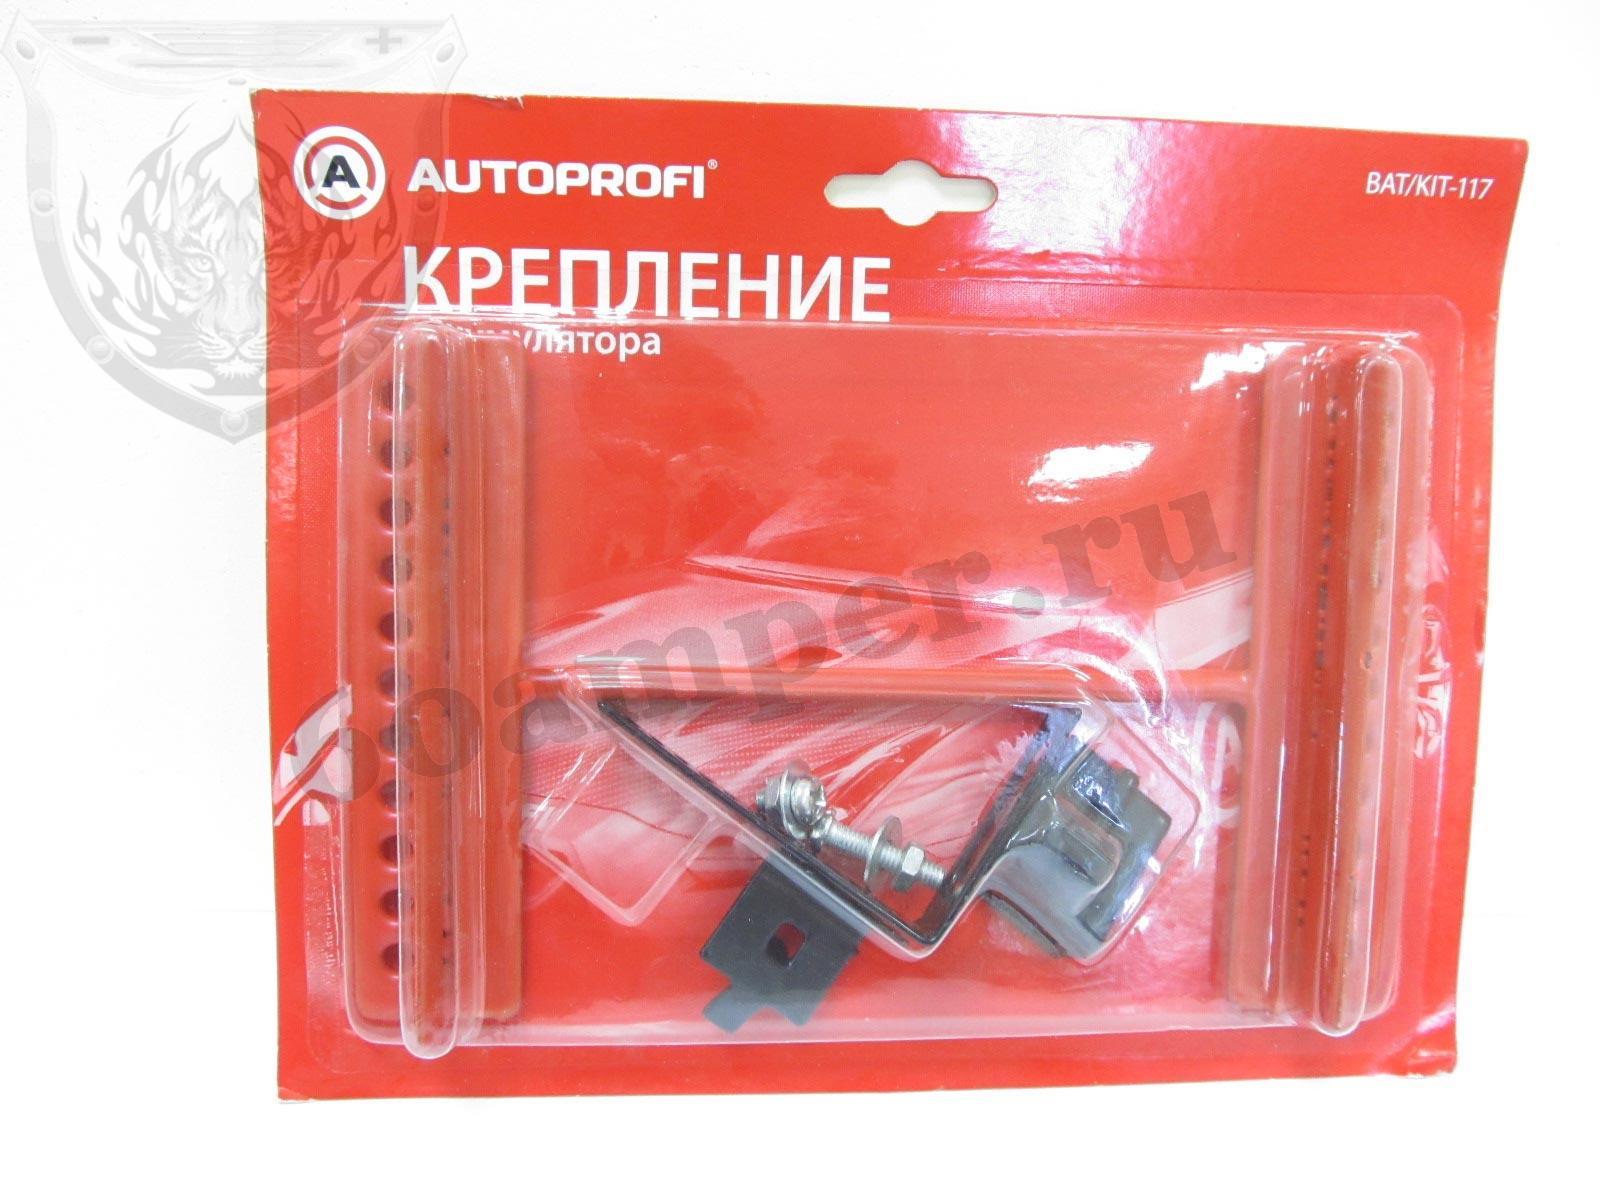 AUTOPROFI 117